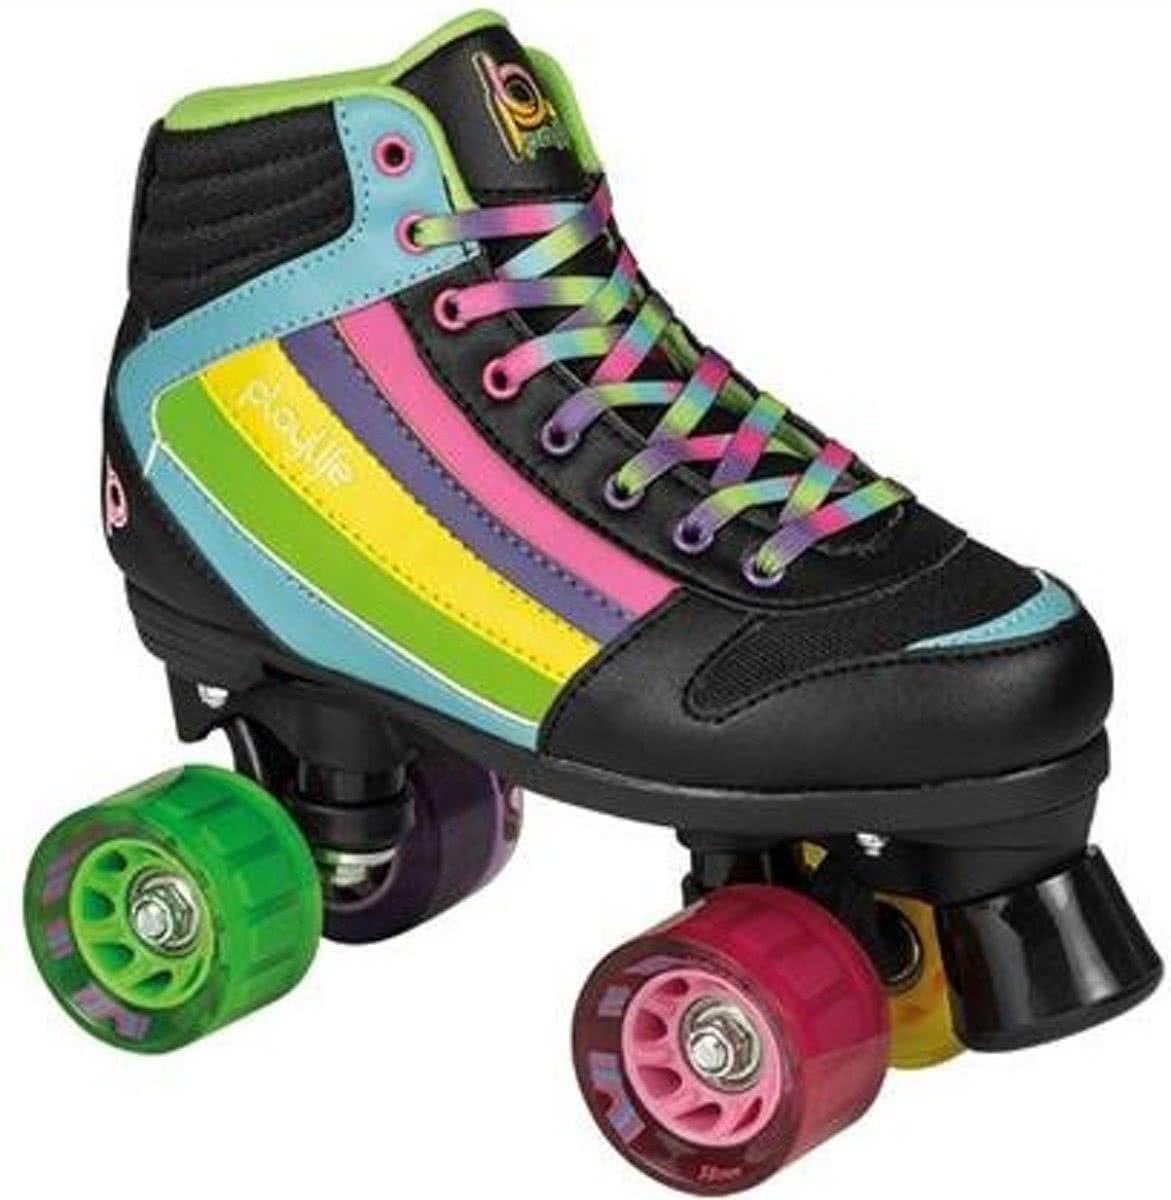 d6b00ca1c29 Playlife Rolschaatsen Groove Rainbow Dames Maat 37